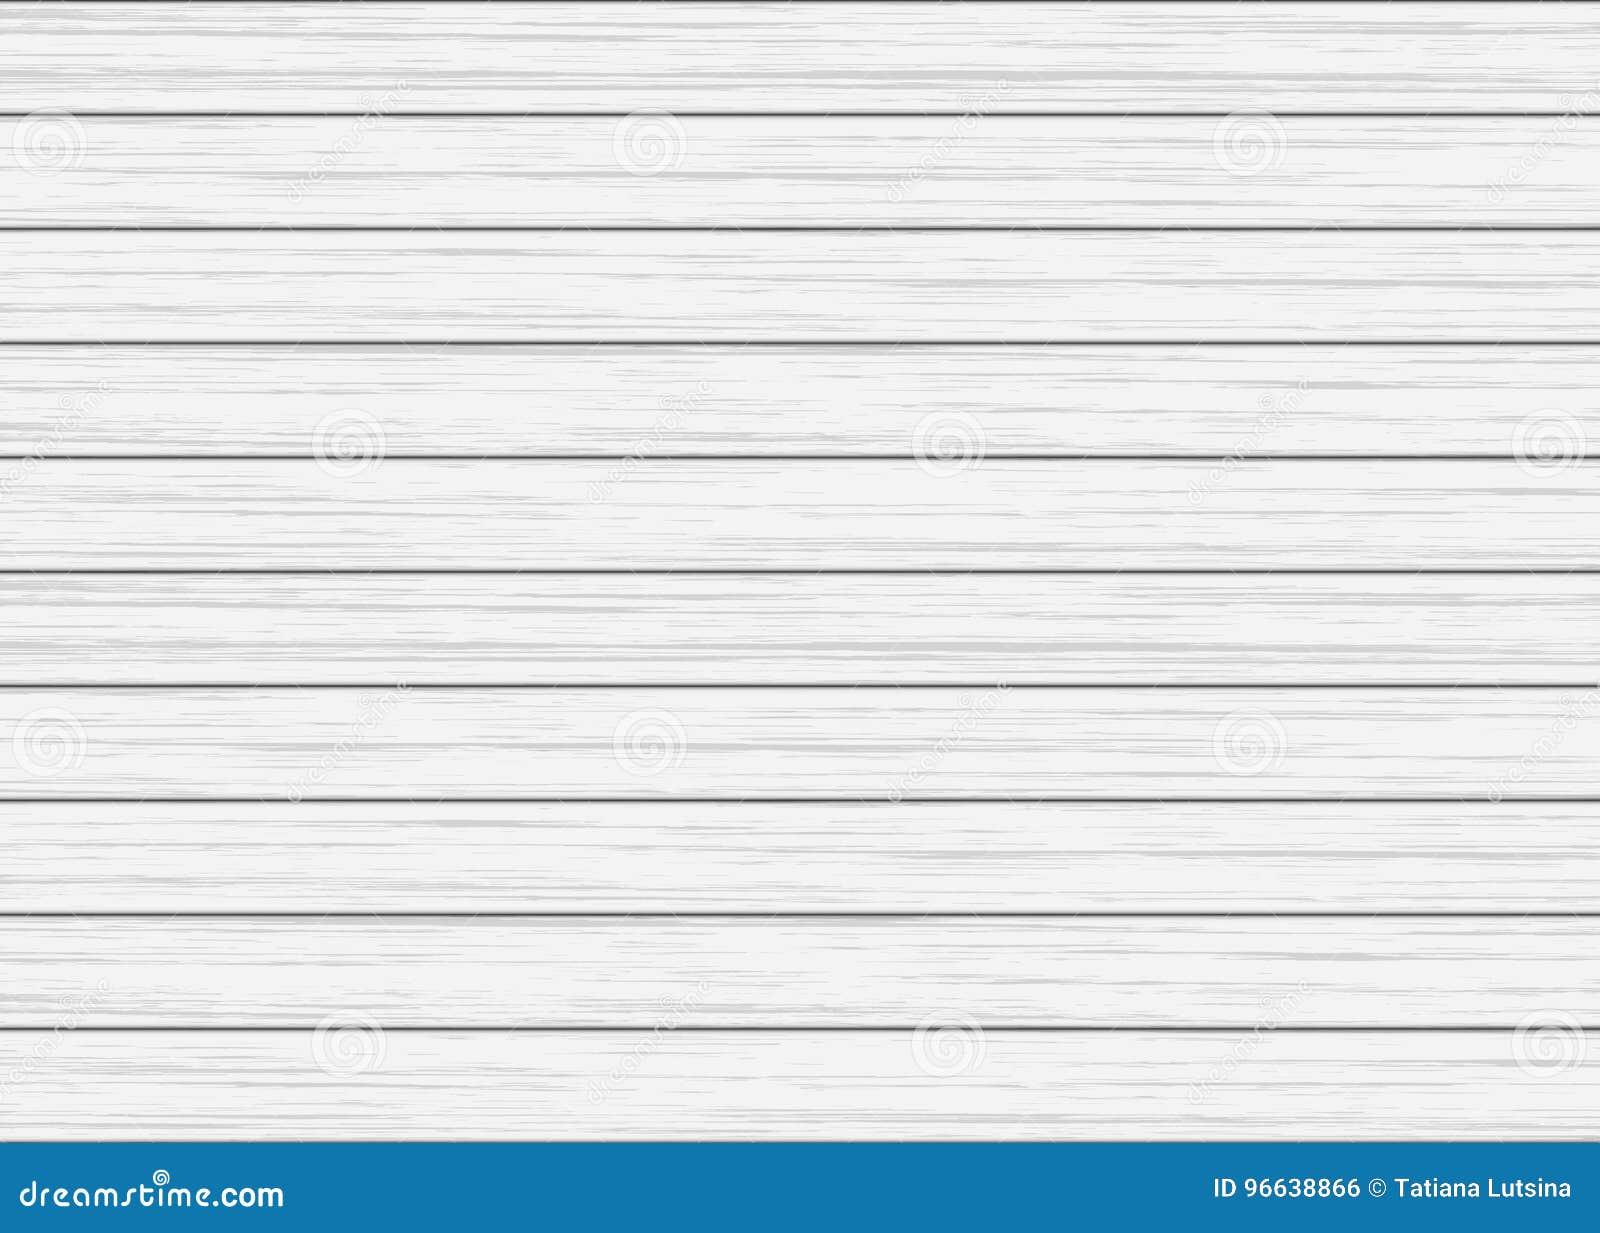 Weißer hölzerner Plankenbeschaffenheitshintergrund Woodbackground Hölzerne Beschaffenheit alte Panels des Hintergrundes Hölzerne